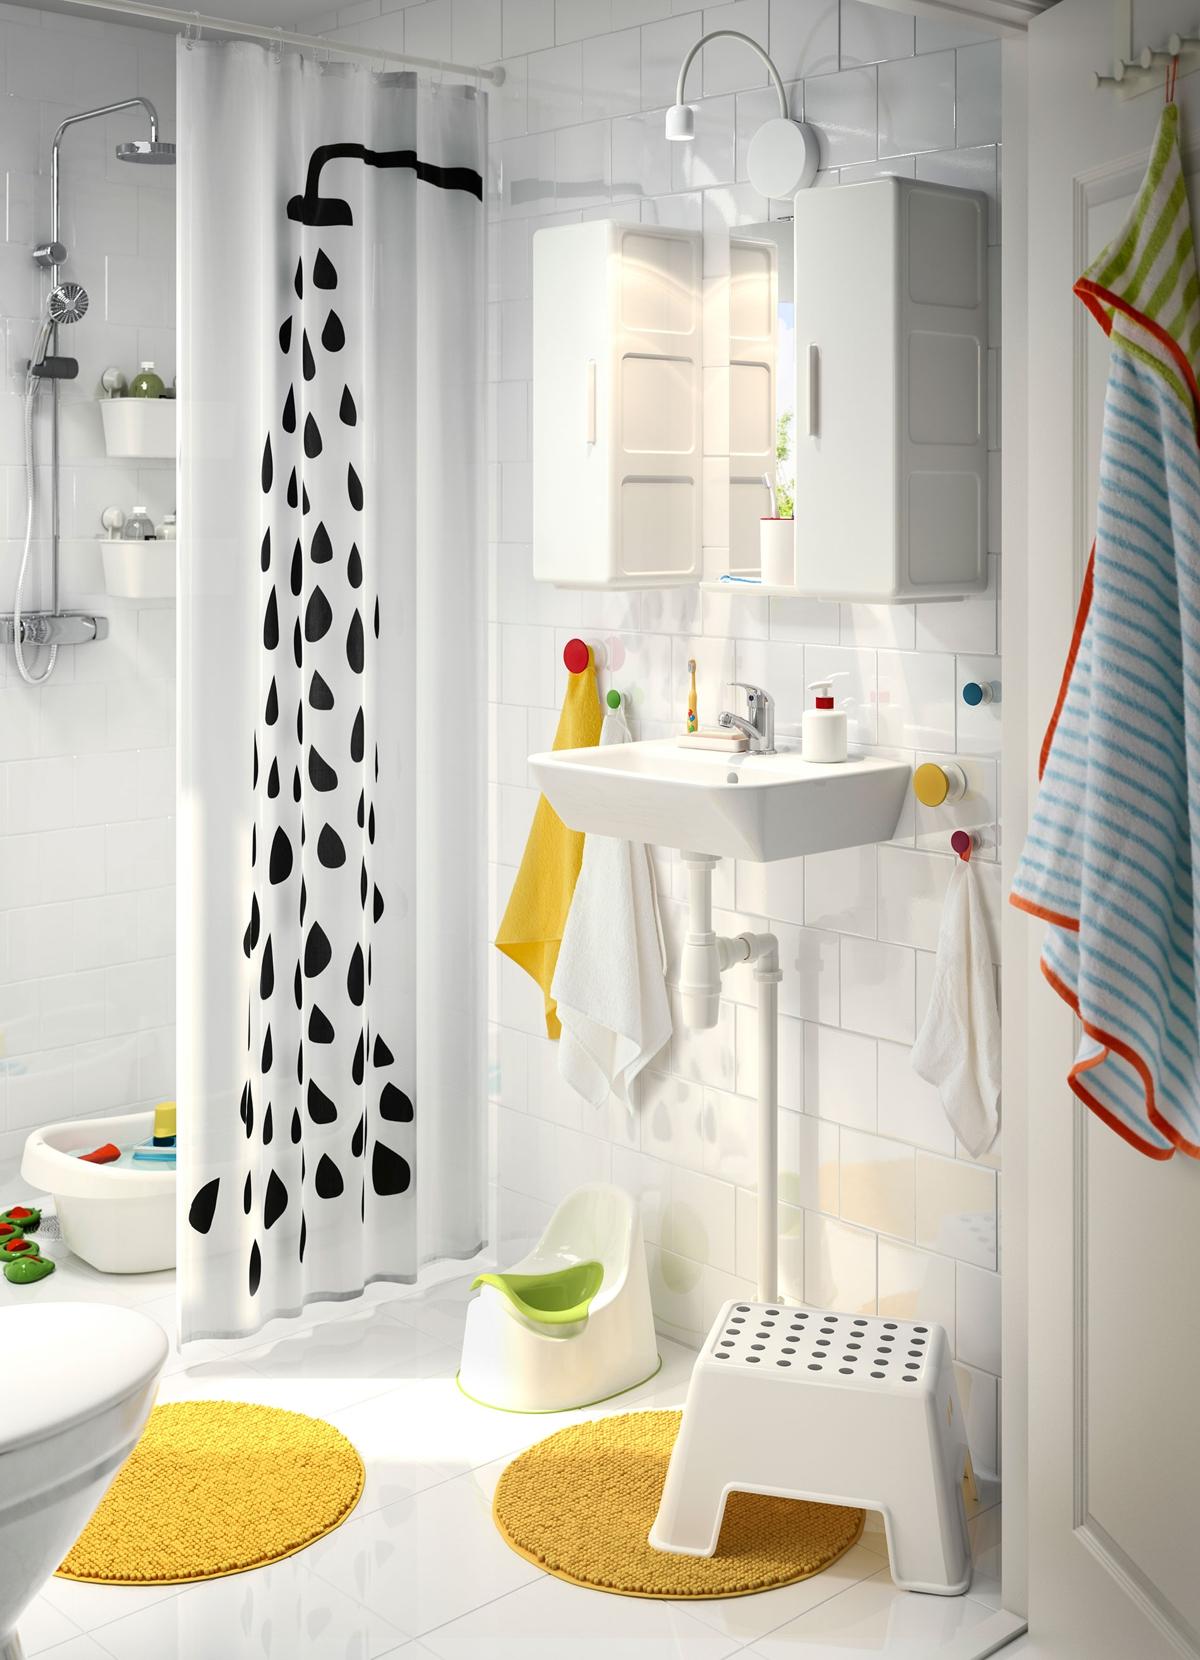 cortinas de baño divertidas - en blanco y negro